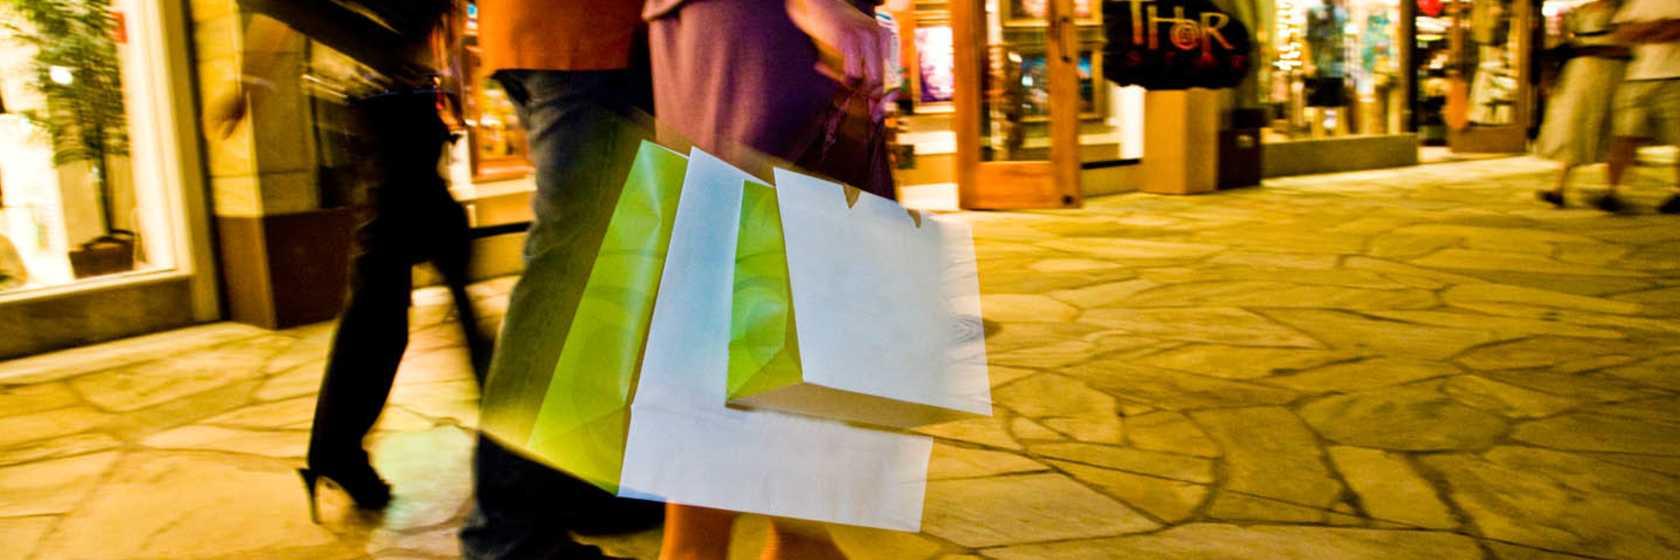 Waikiki Shopping